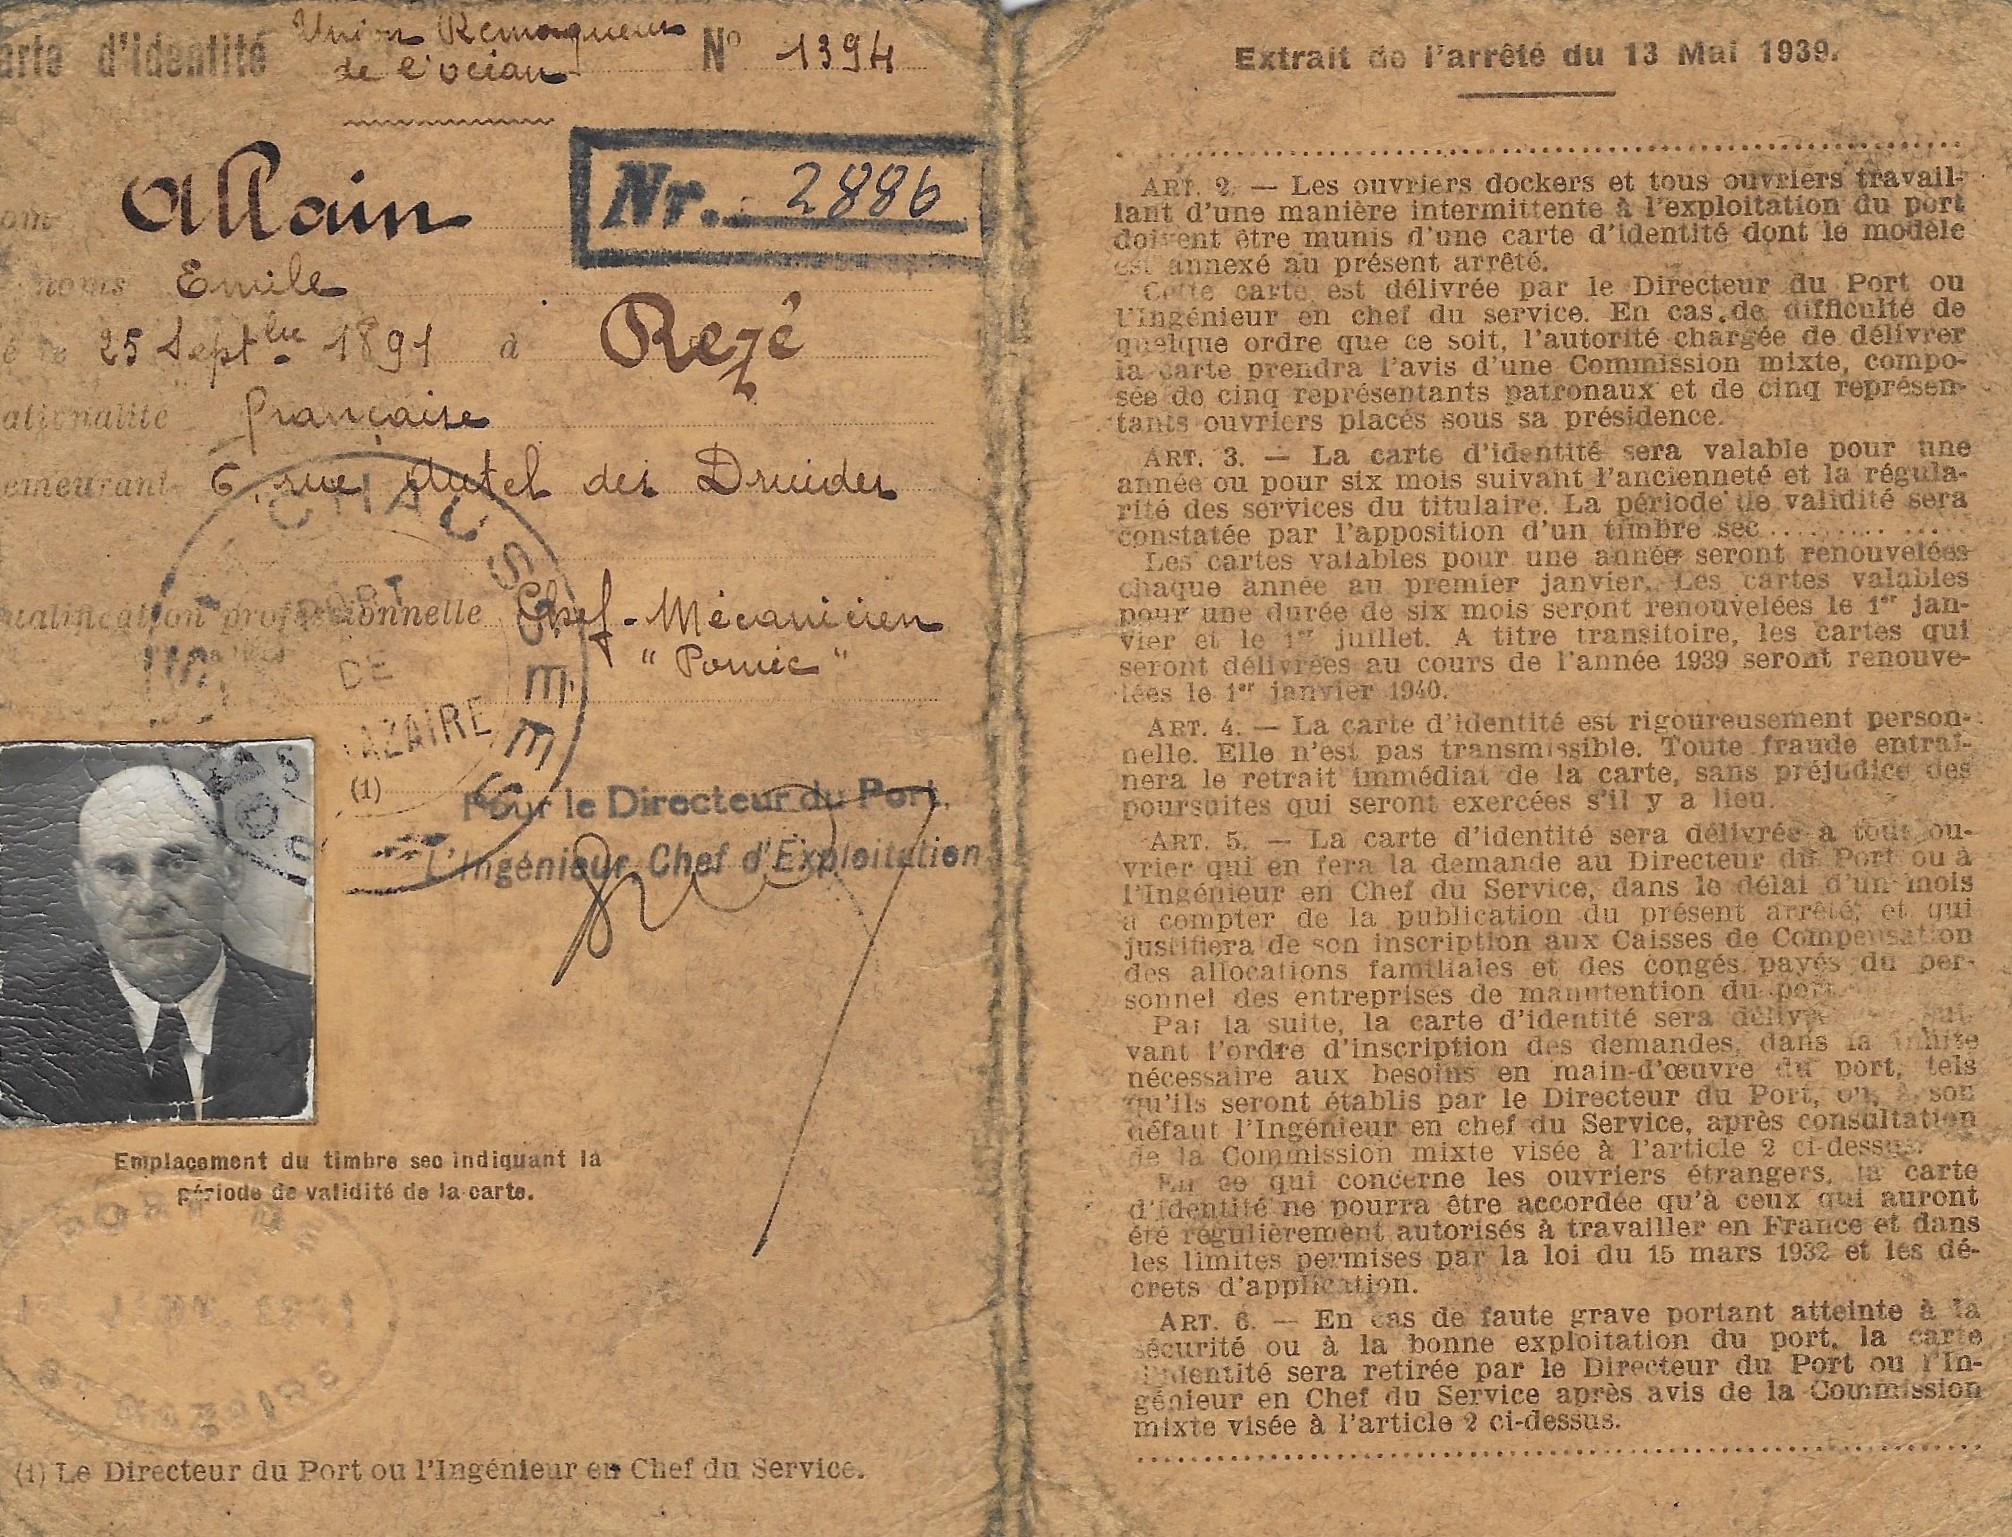 Carte professionnelle de libre circulation -1939- sur le port de Saint-Nazaire